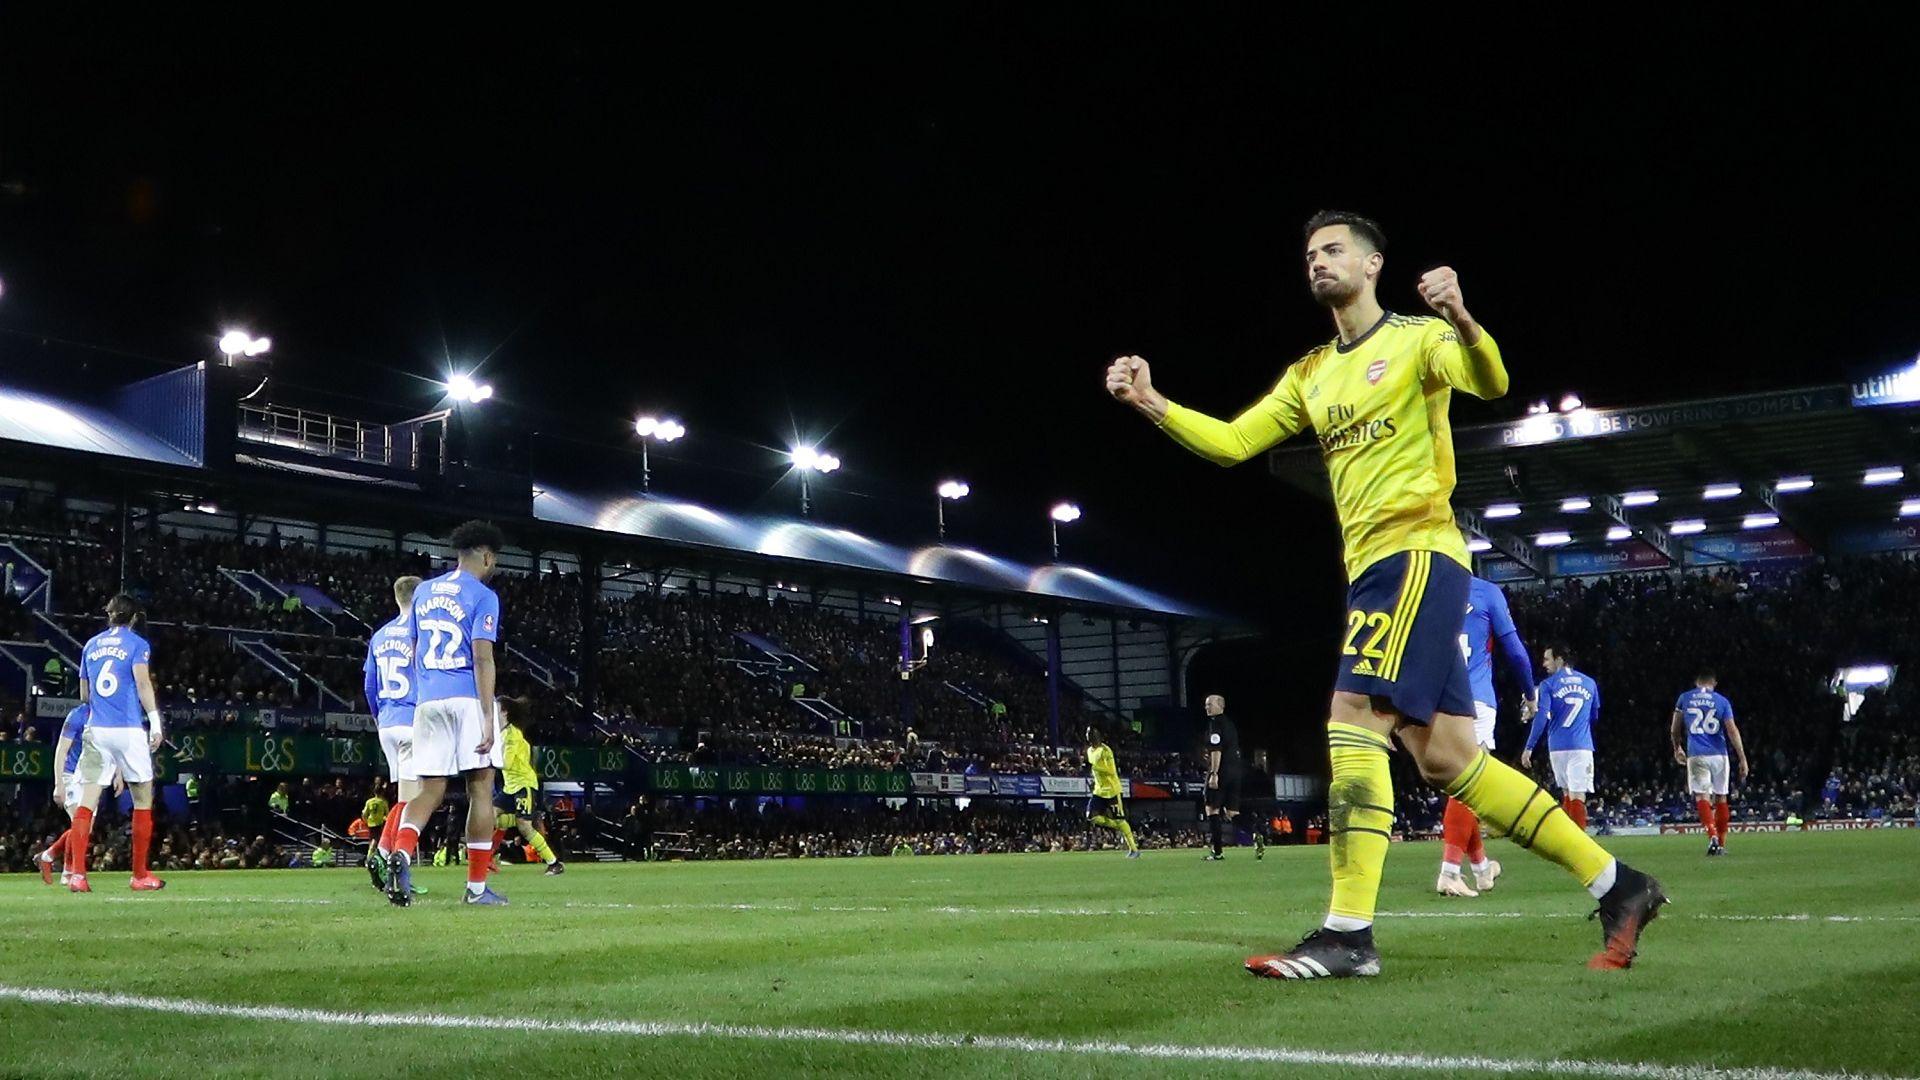 Арсенал свърши задачата си на южния бряг и продължава да мечтае за трофей